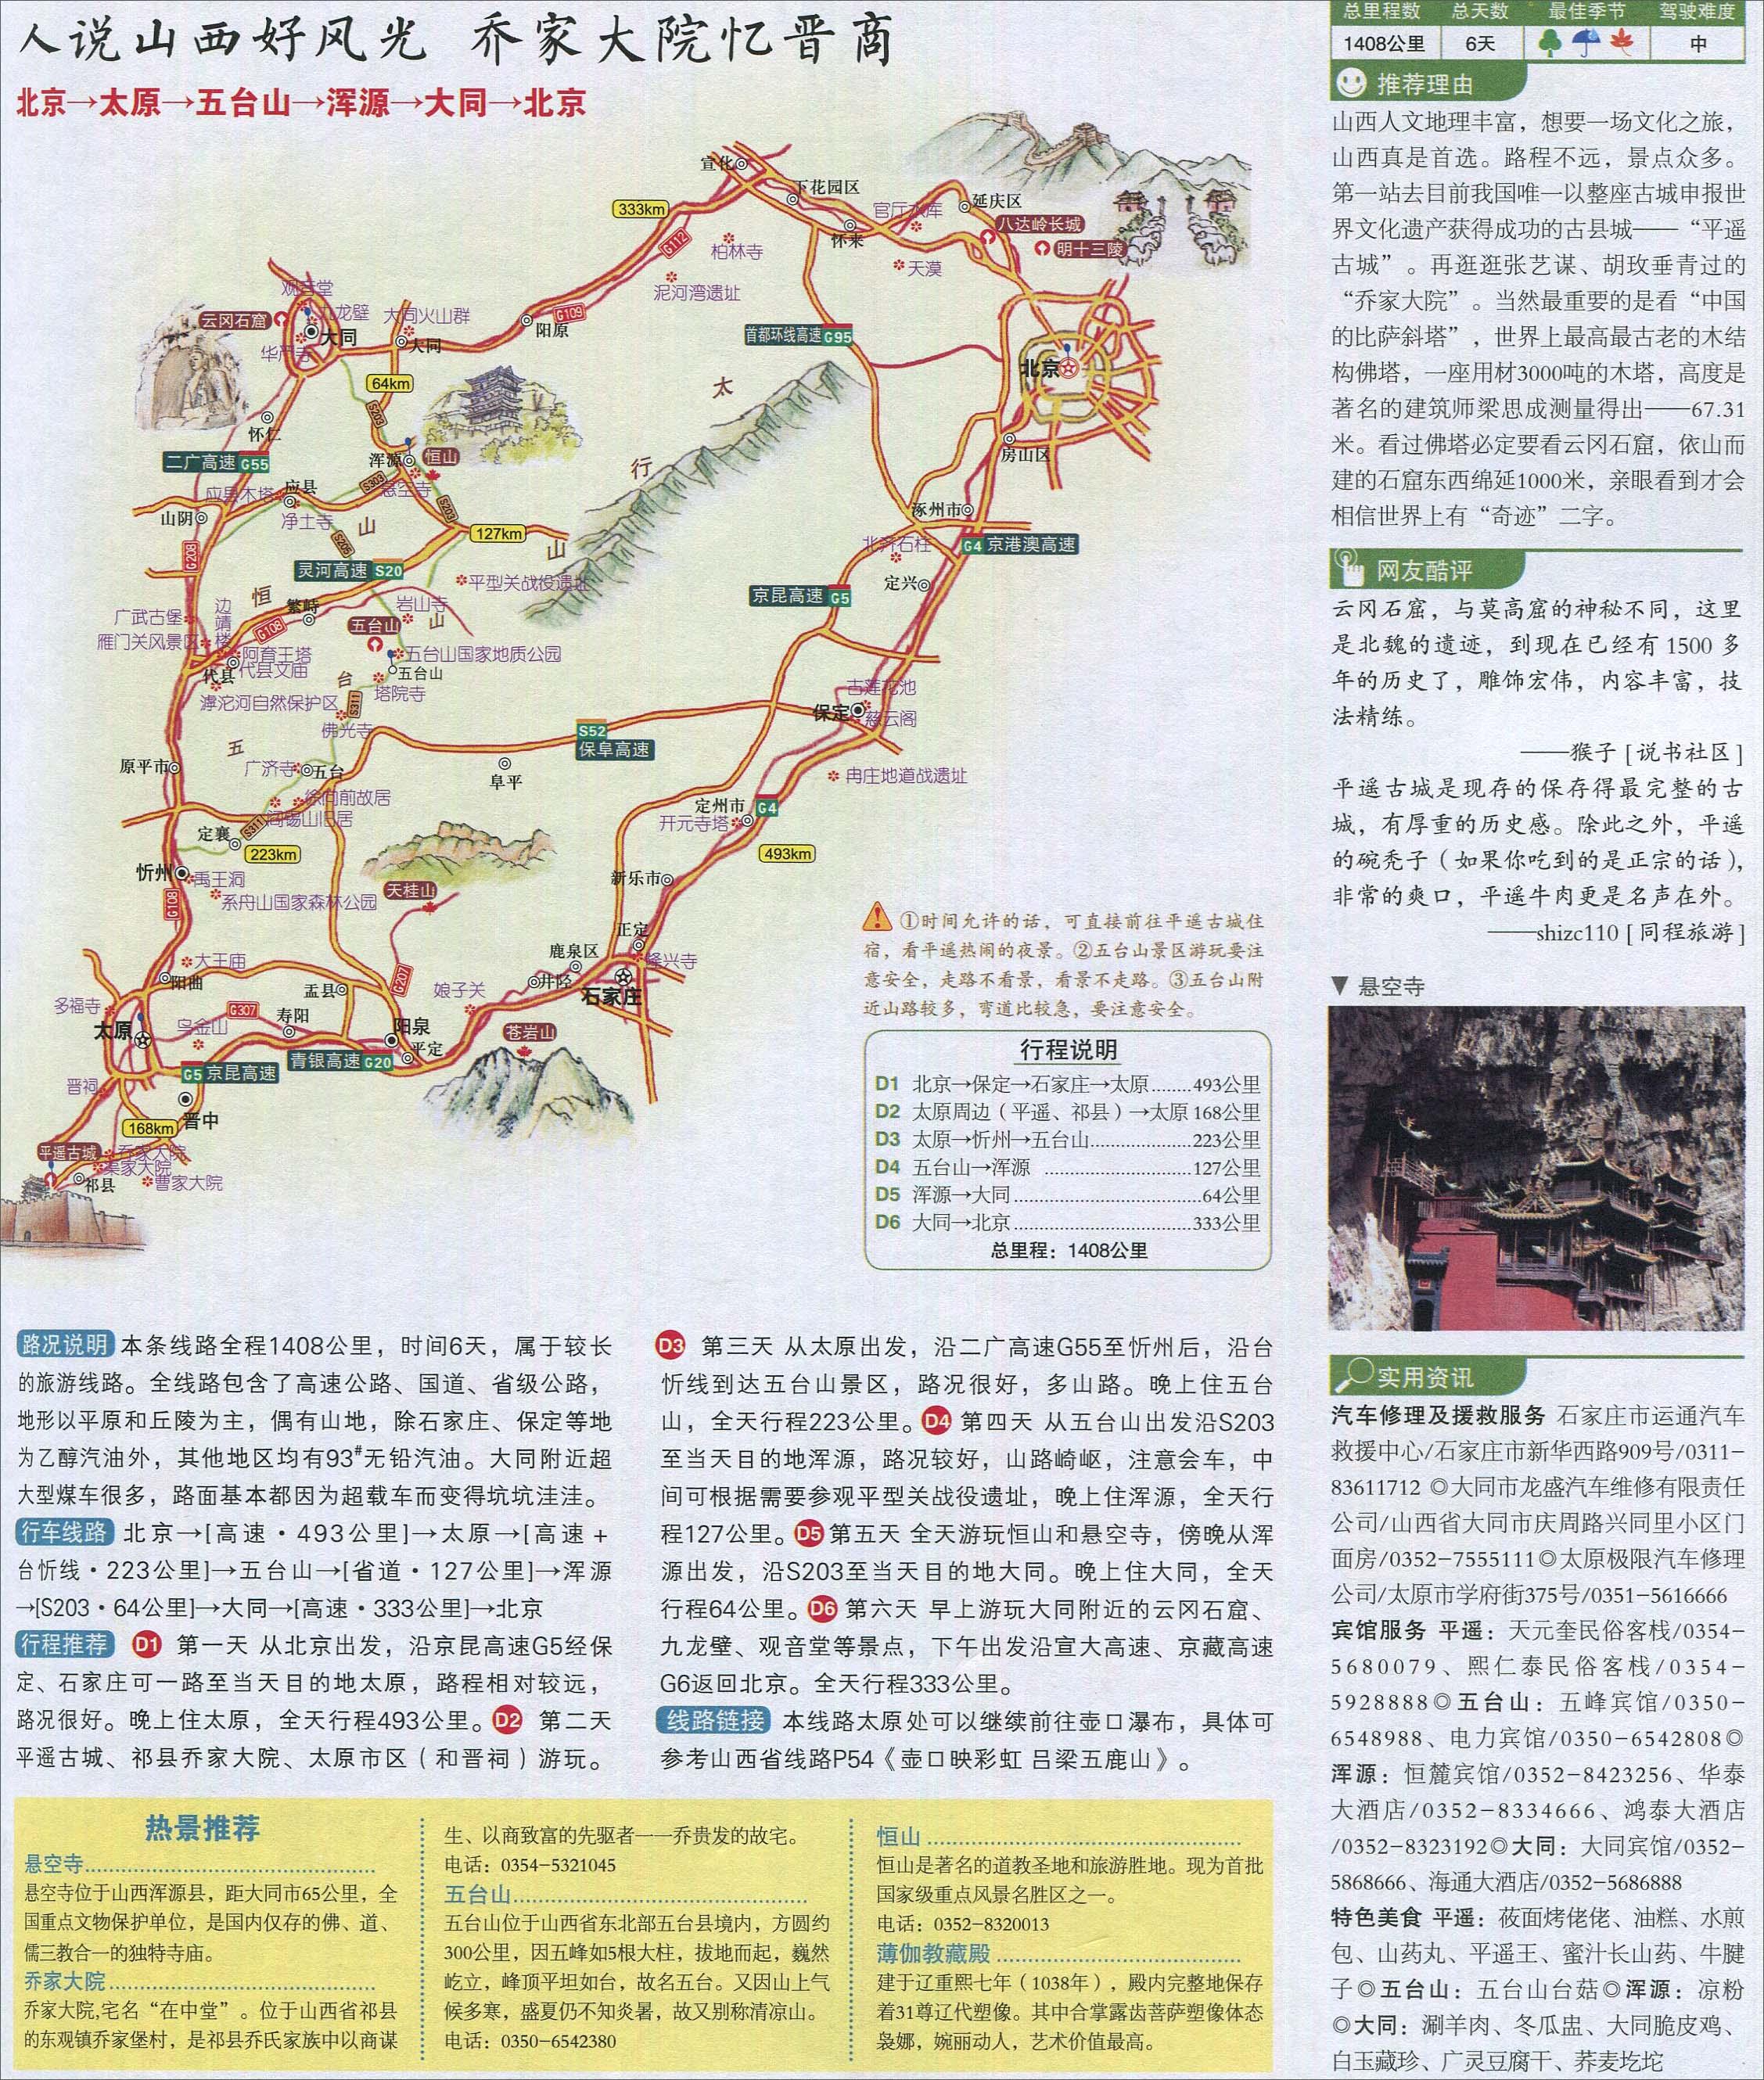 上海西藏自驾游_北京至五台山自驾游路线图_北京旅游地图库_地图窝